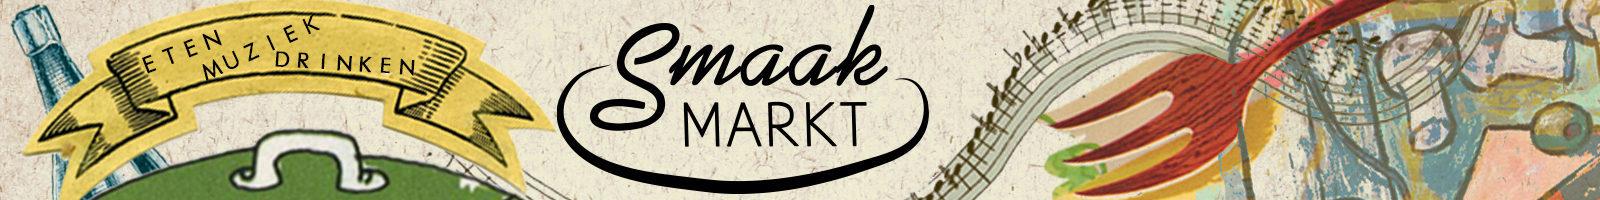 Smaakmarkt Wijk aan Zee